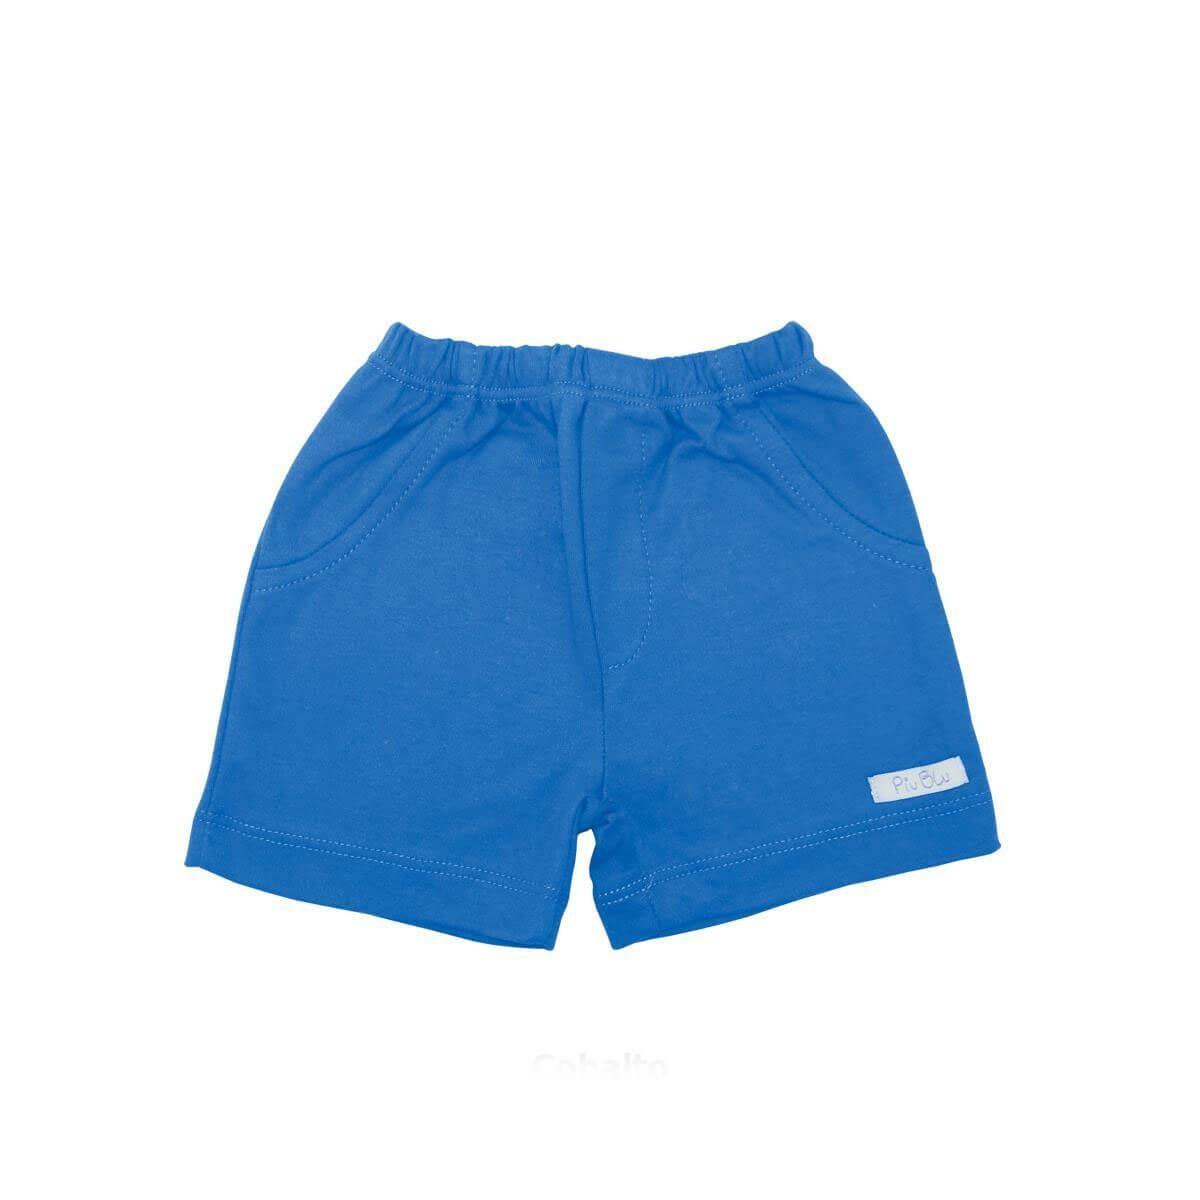 Shorts Masculino Azul Cobalto